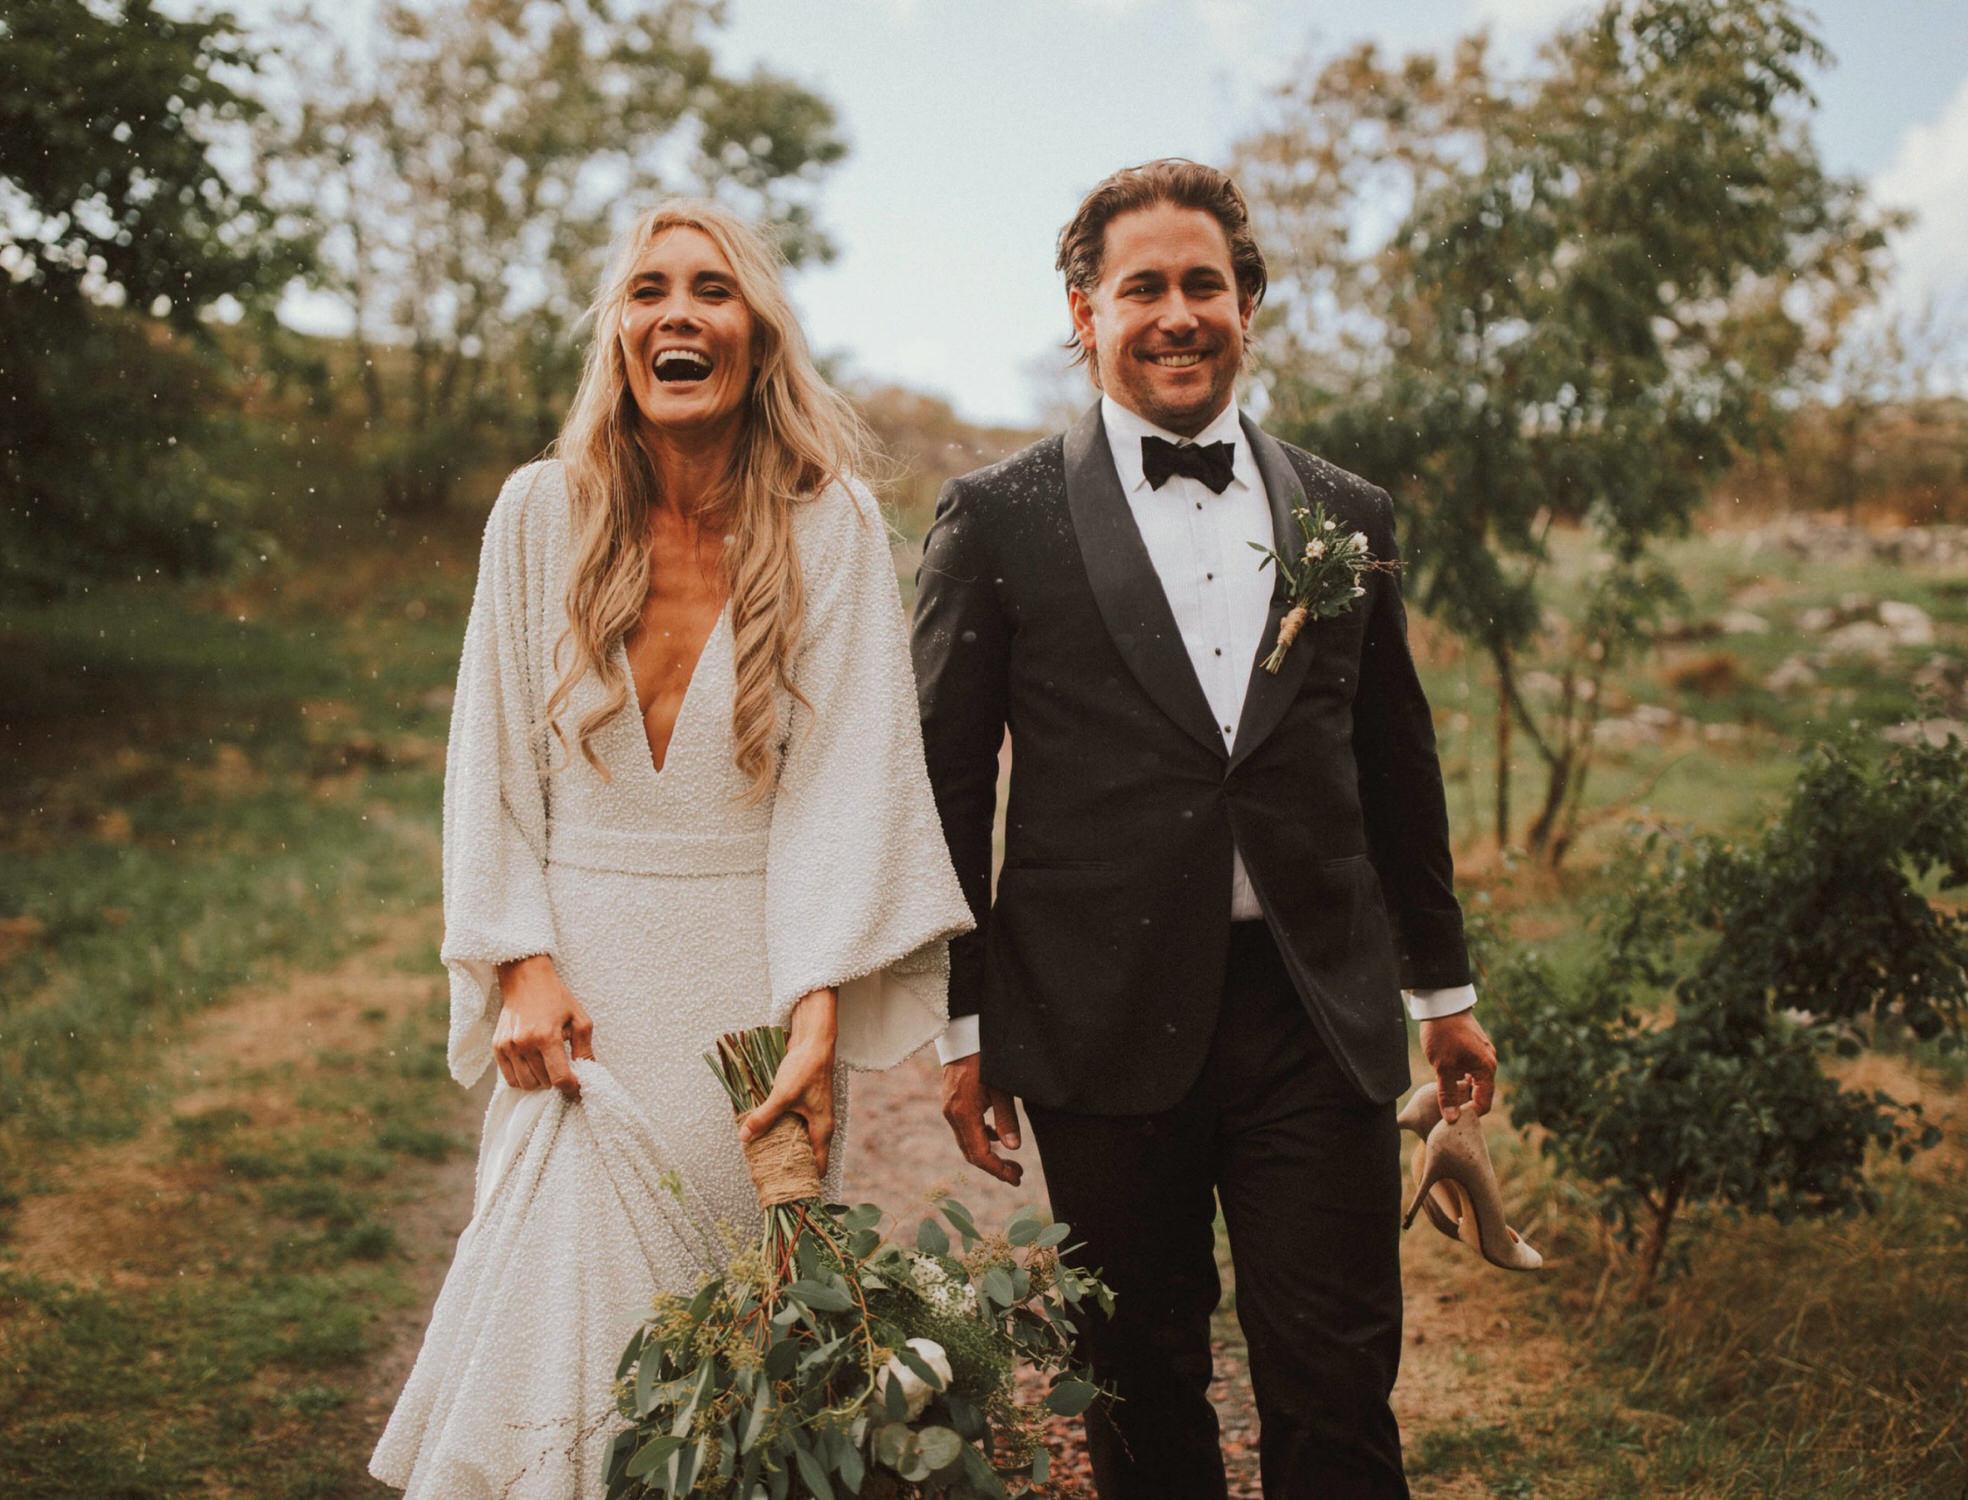 Ein Hochzeitspaar läuft einen Feldweg entlang.